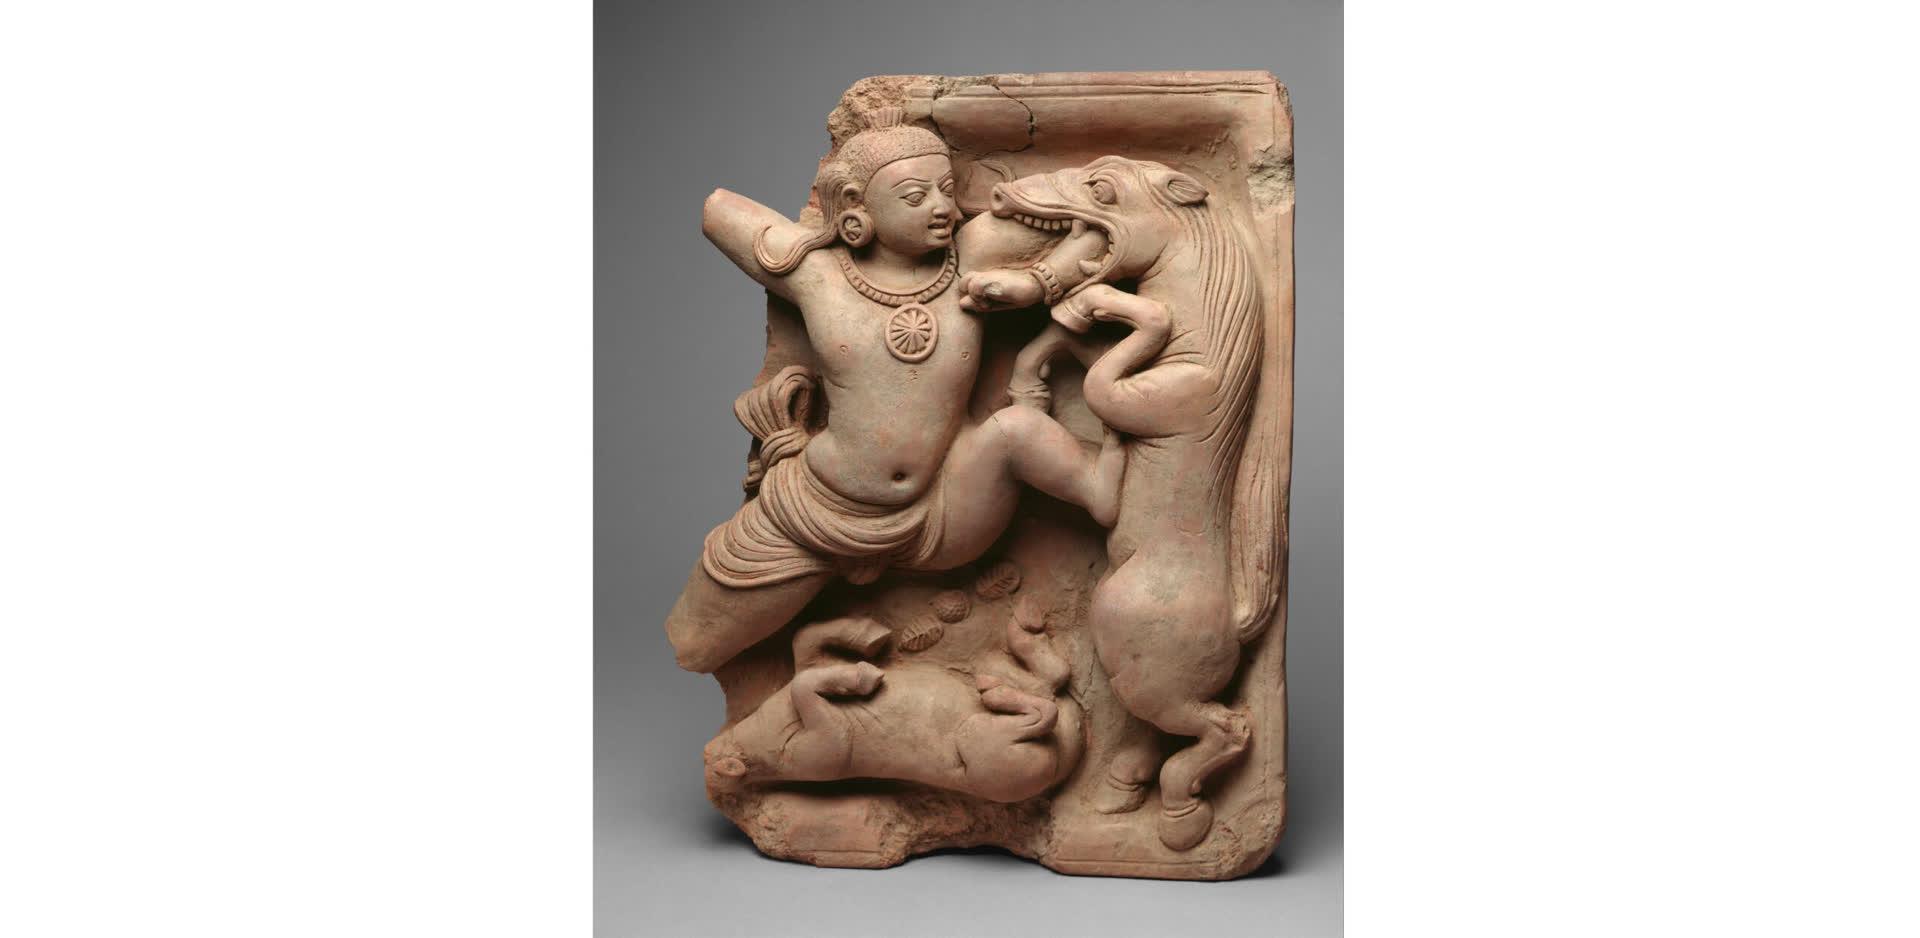 Krishna's Exploits in Art